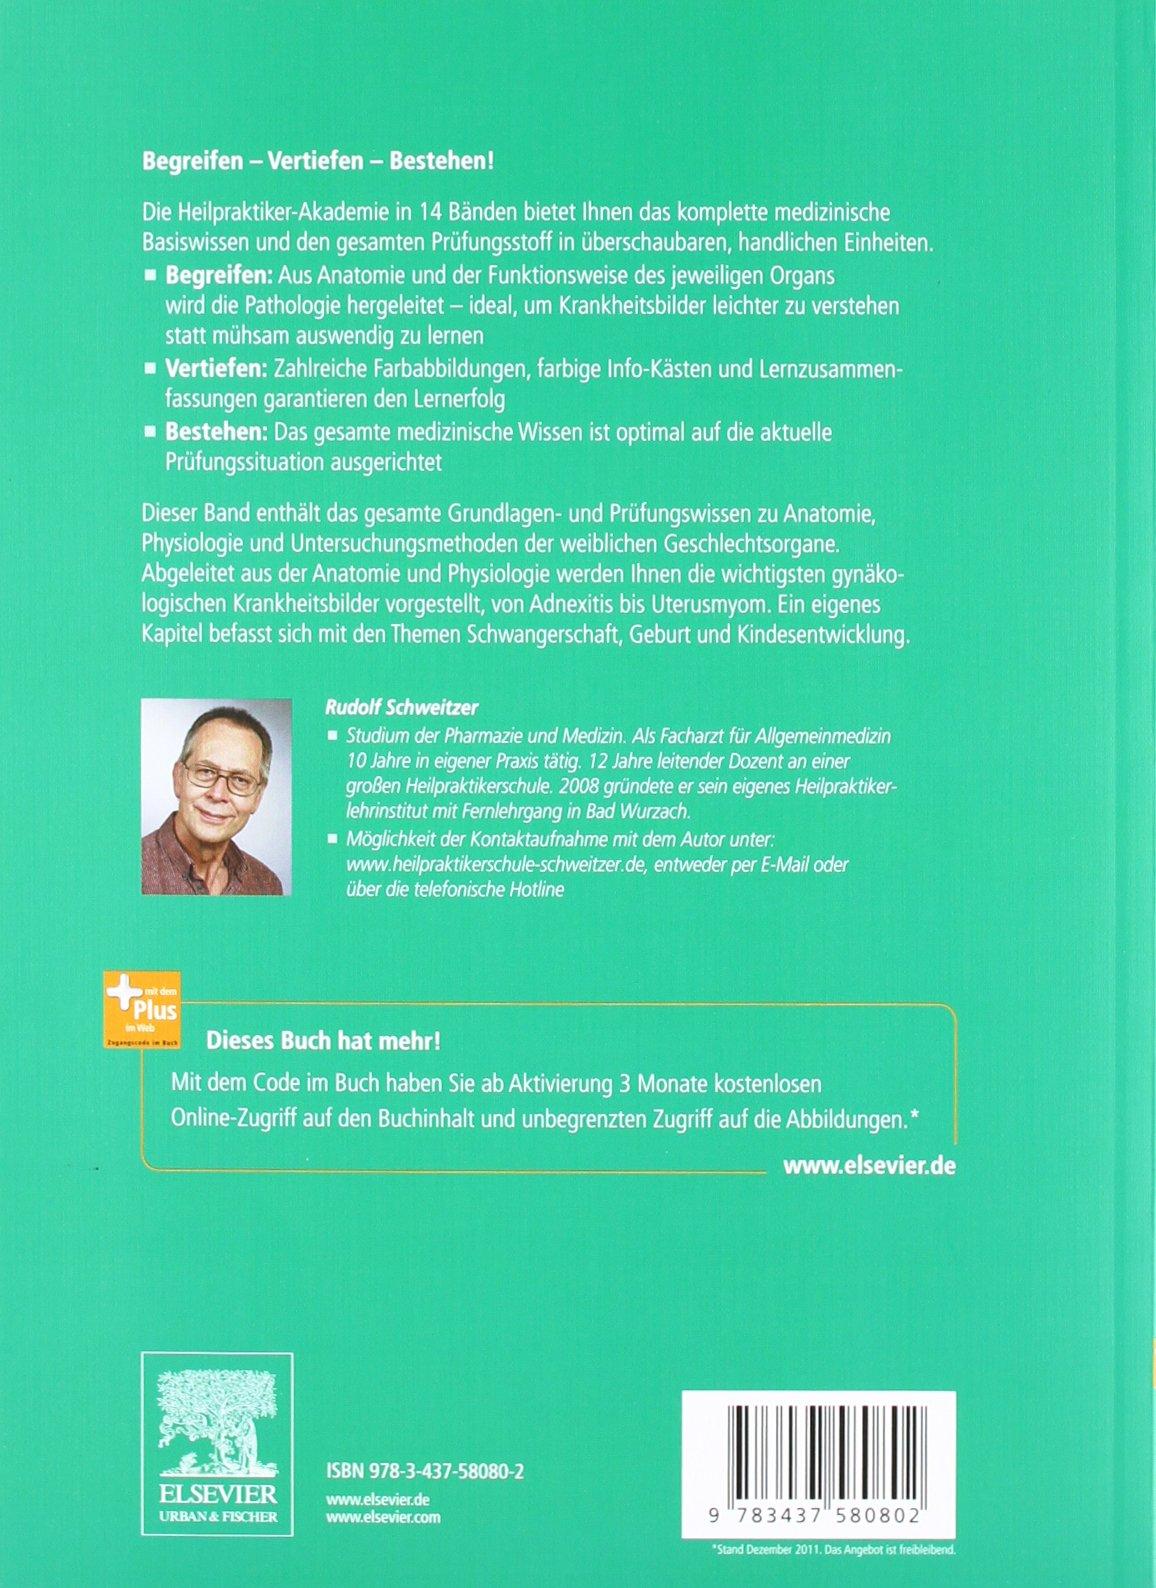 Großartig Anatomie Und Physiologie Buch Online Kostenlos Bilder ...